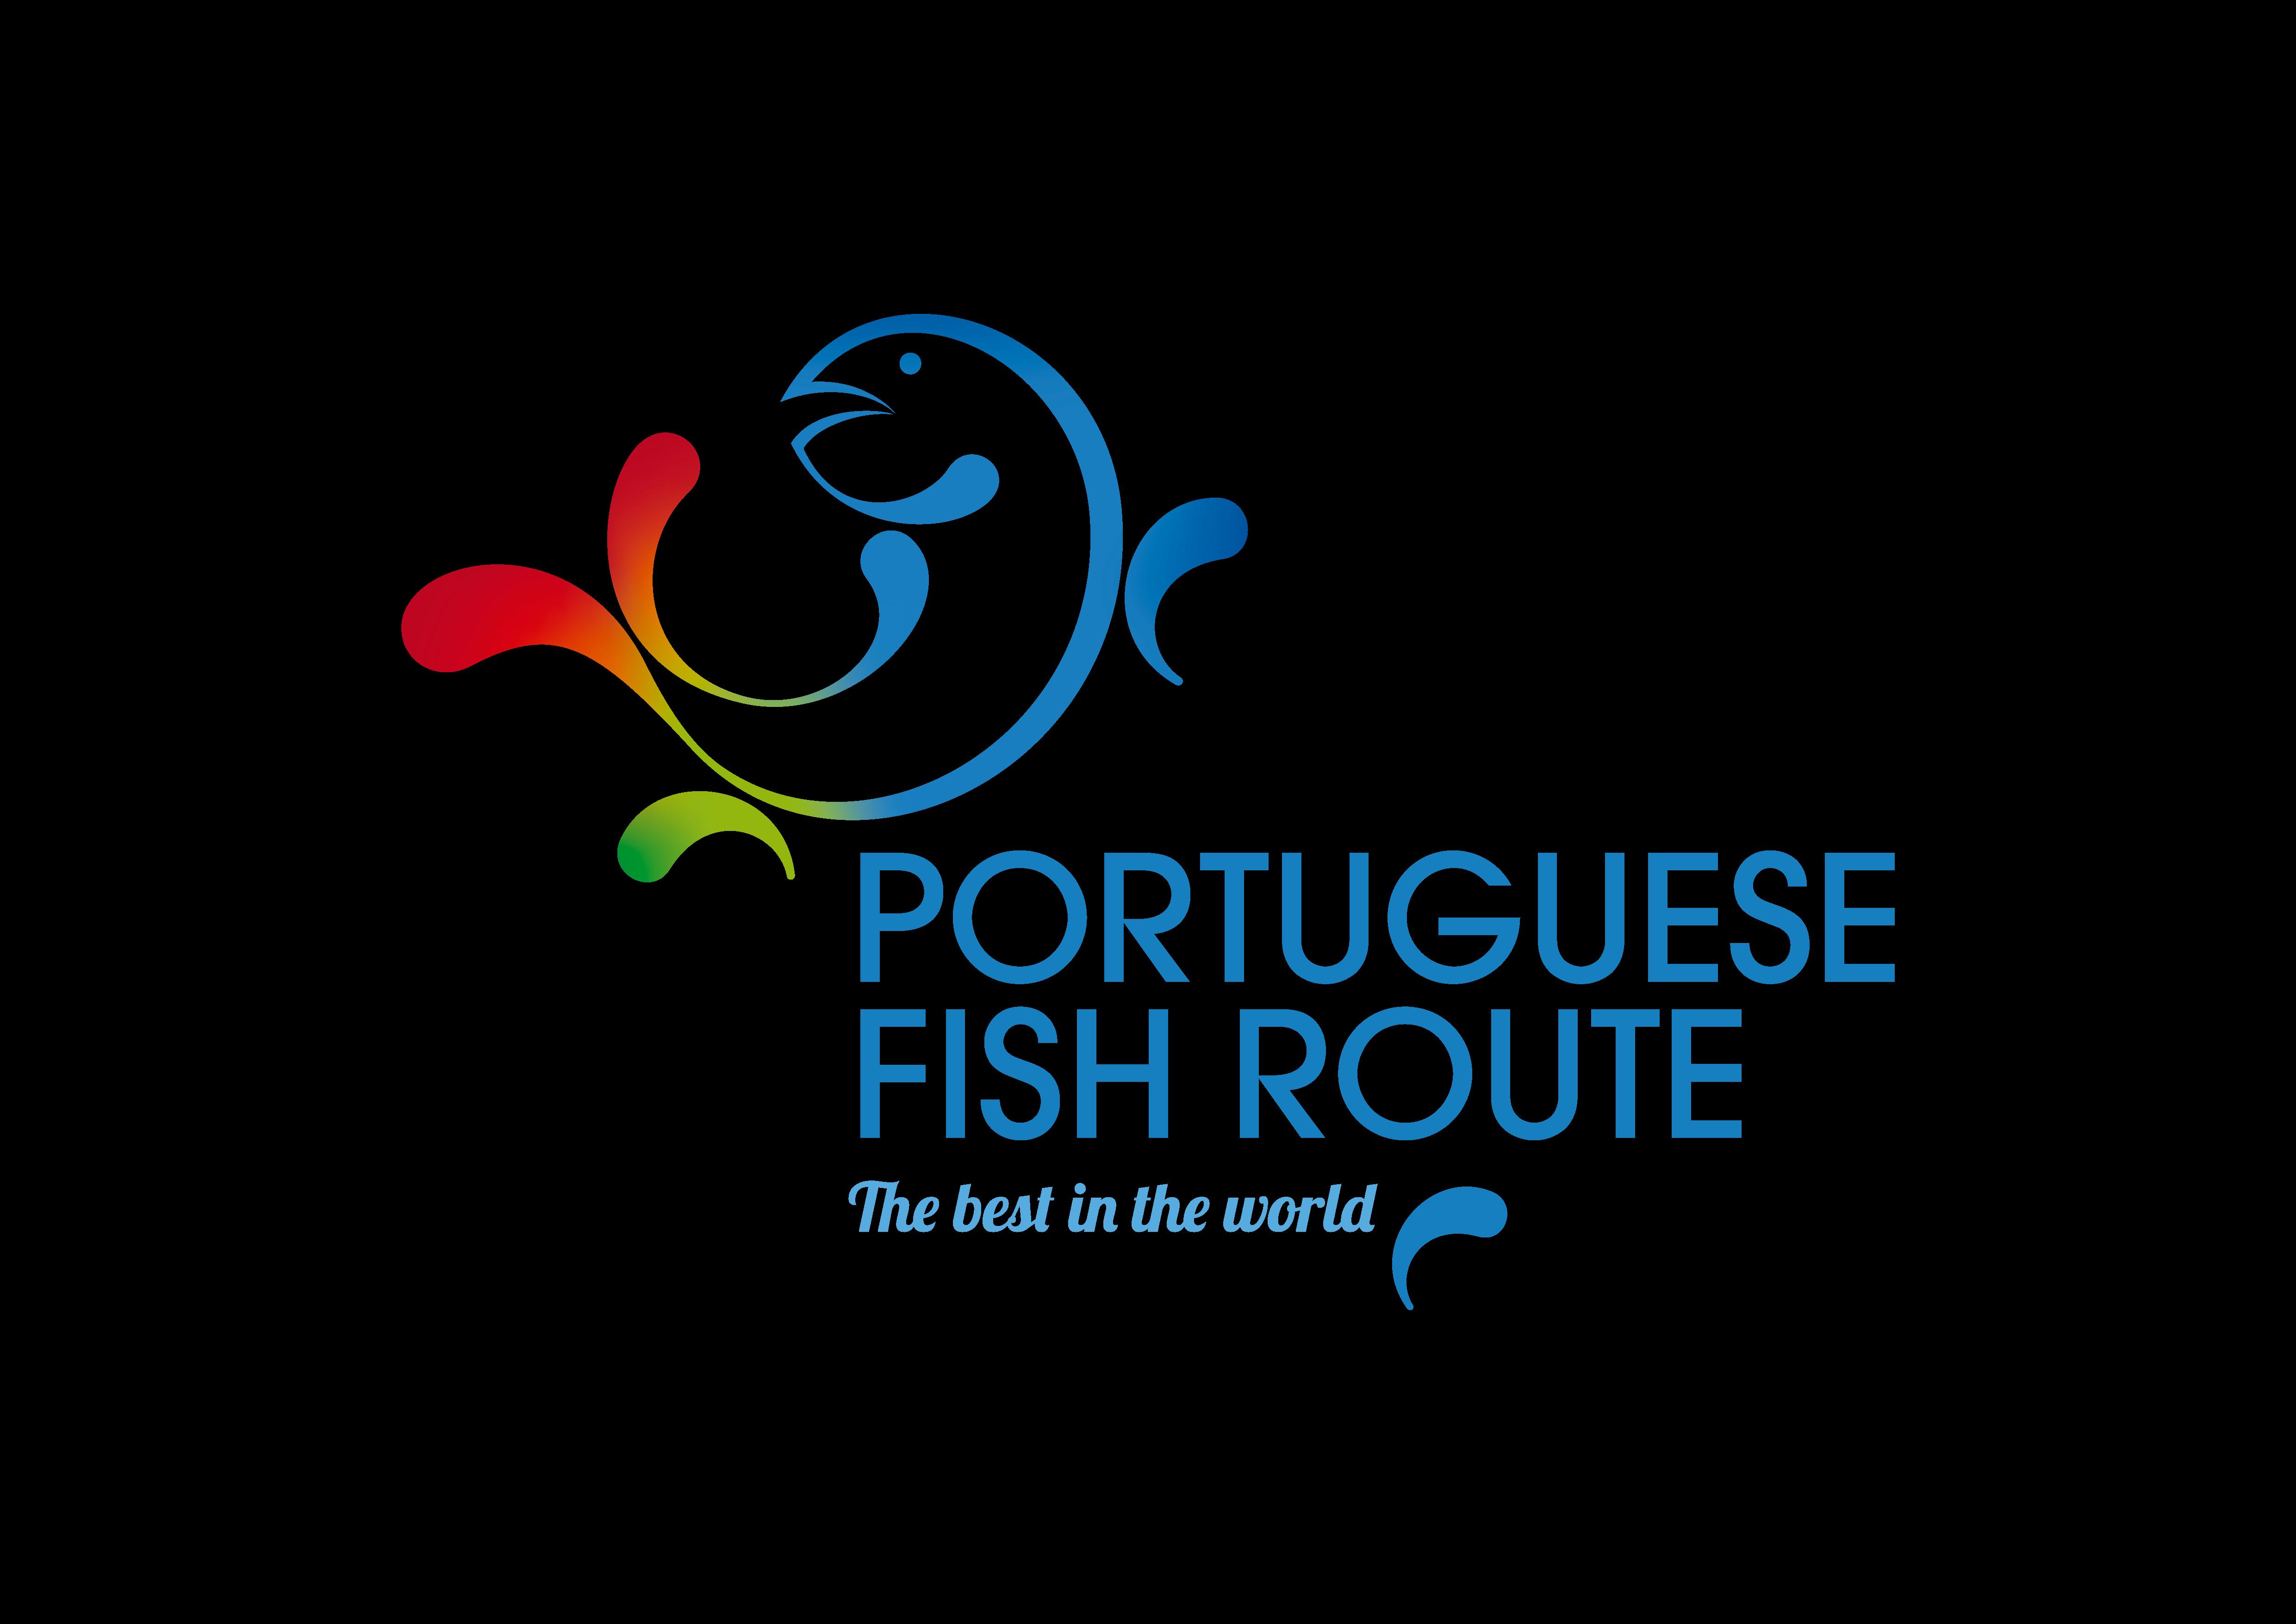 Portugal - Figura de Proa